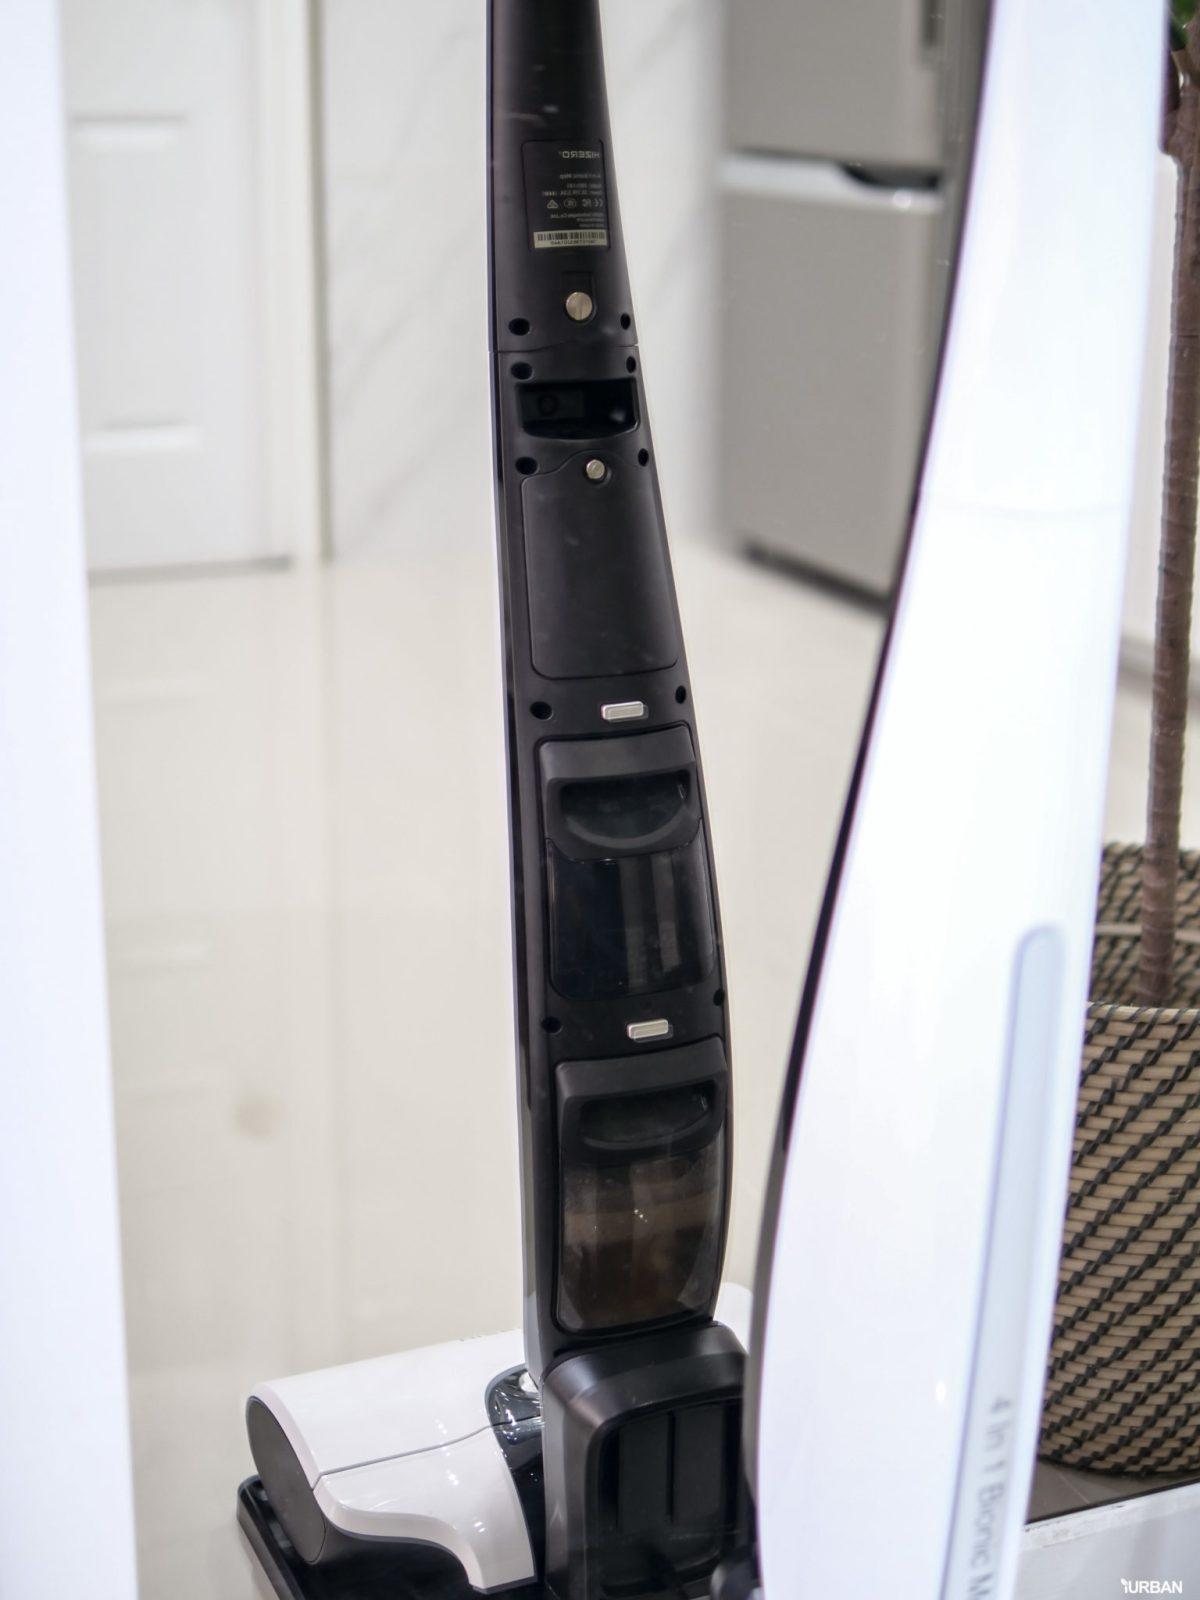 รีวิว Hizero Bionic 4-in-1 เครื่องดูดฝุ่นดูดน้ำสุดไฮเทค เก็บชาไข่มุกหก-จนพื้นแห้งในปรื๊ดเดียว 34 - Hizero